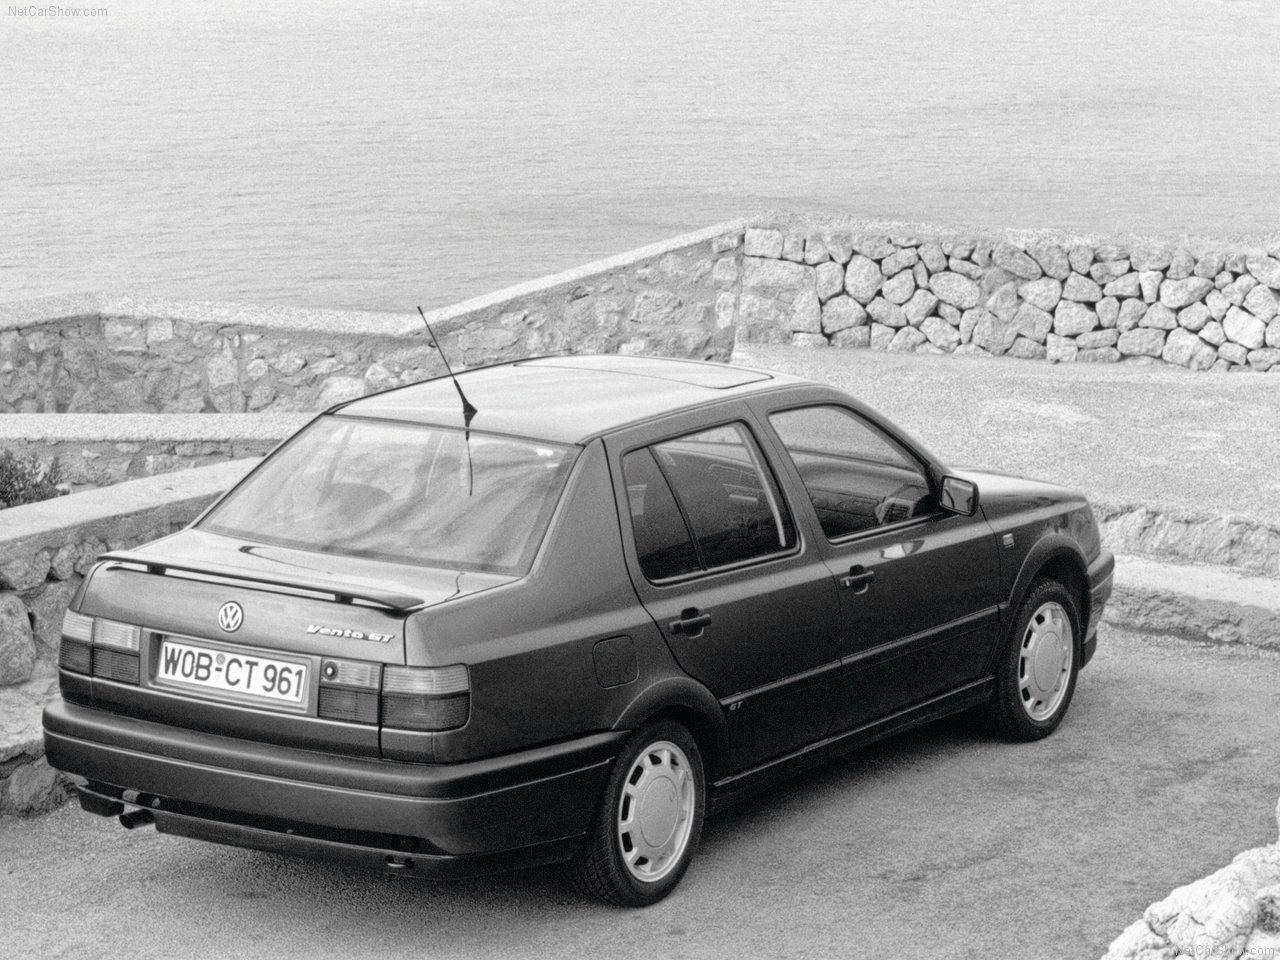 Volkswagen Vento In 2021 Volkswagen Pictures Car [ 960 x 1280 Pixel ]